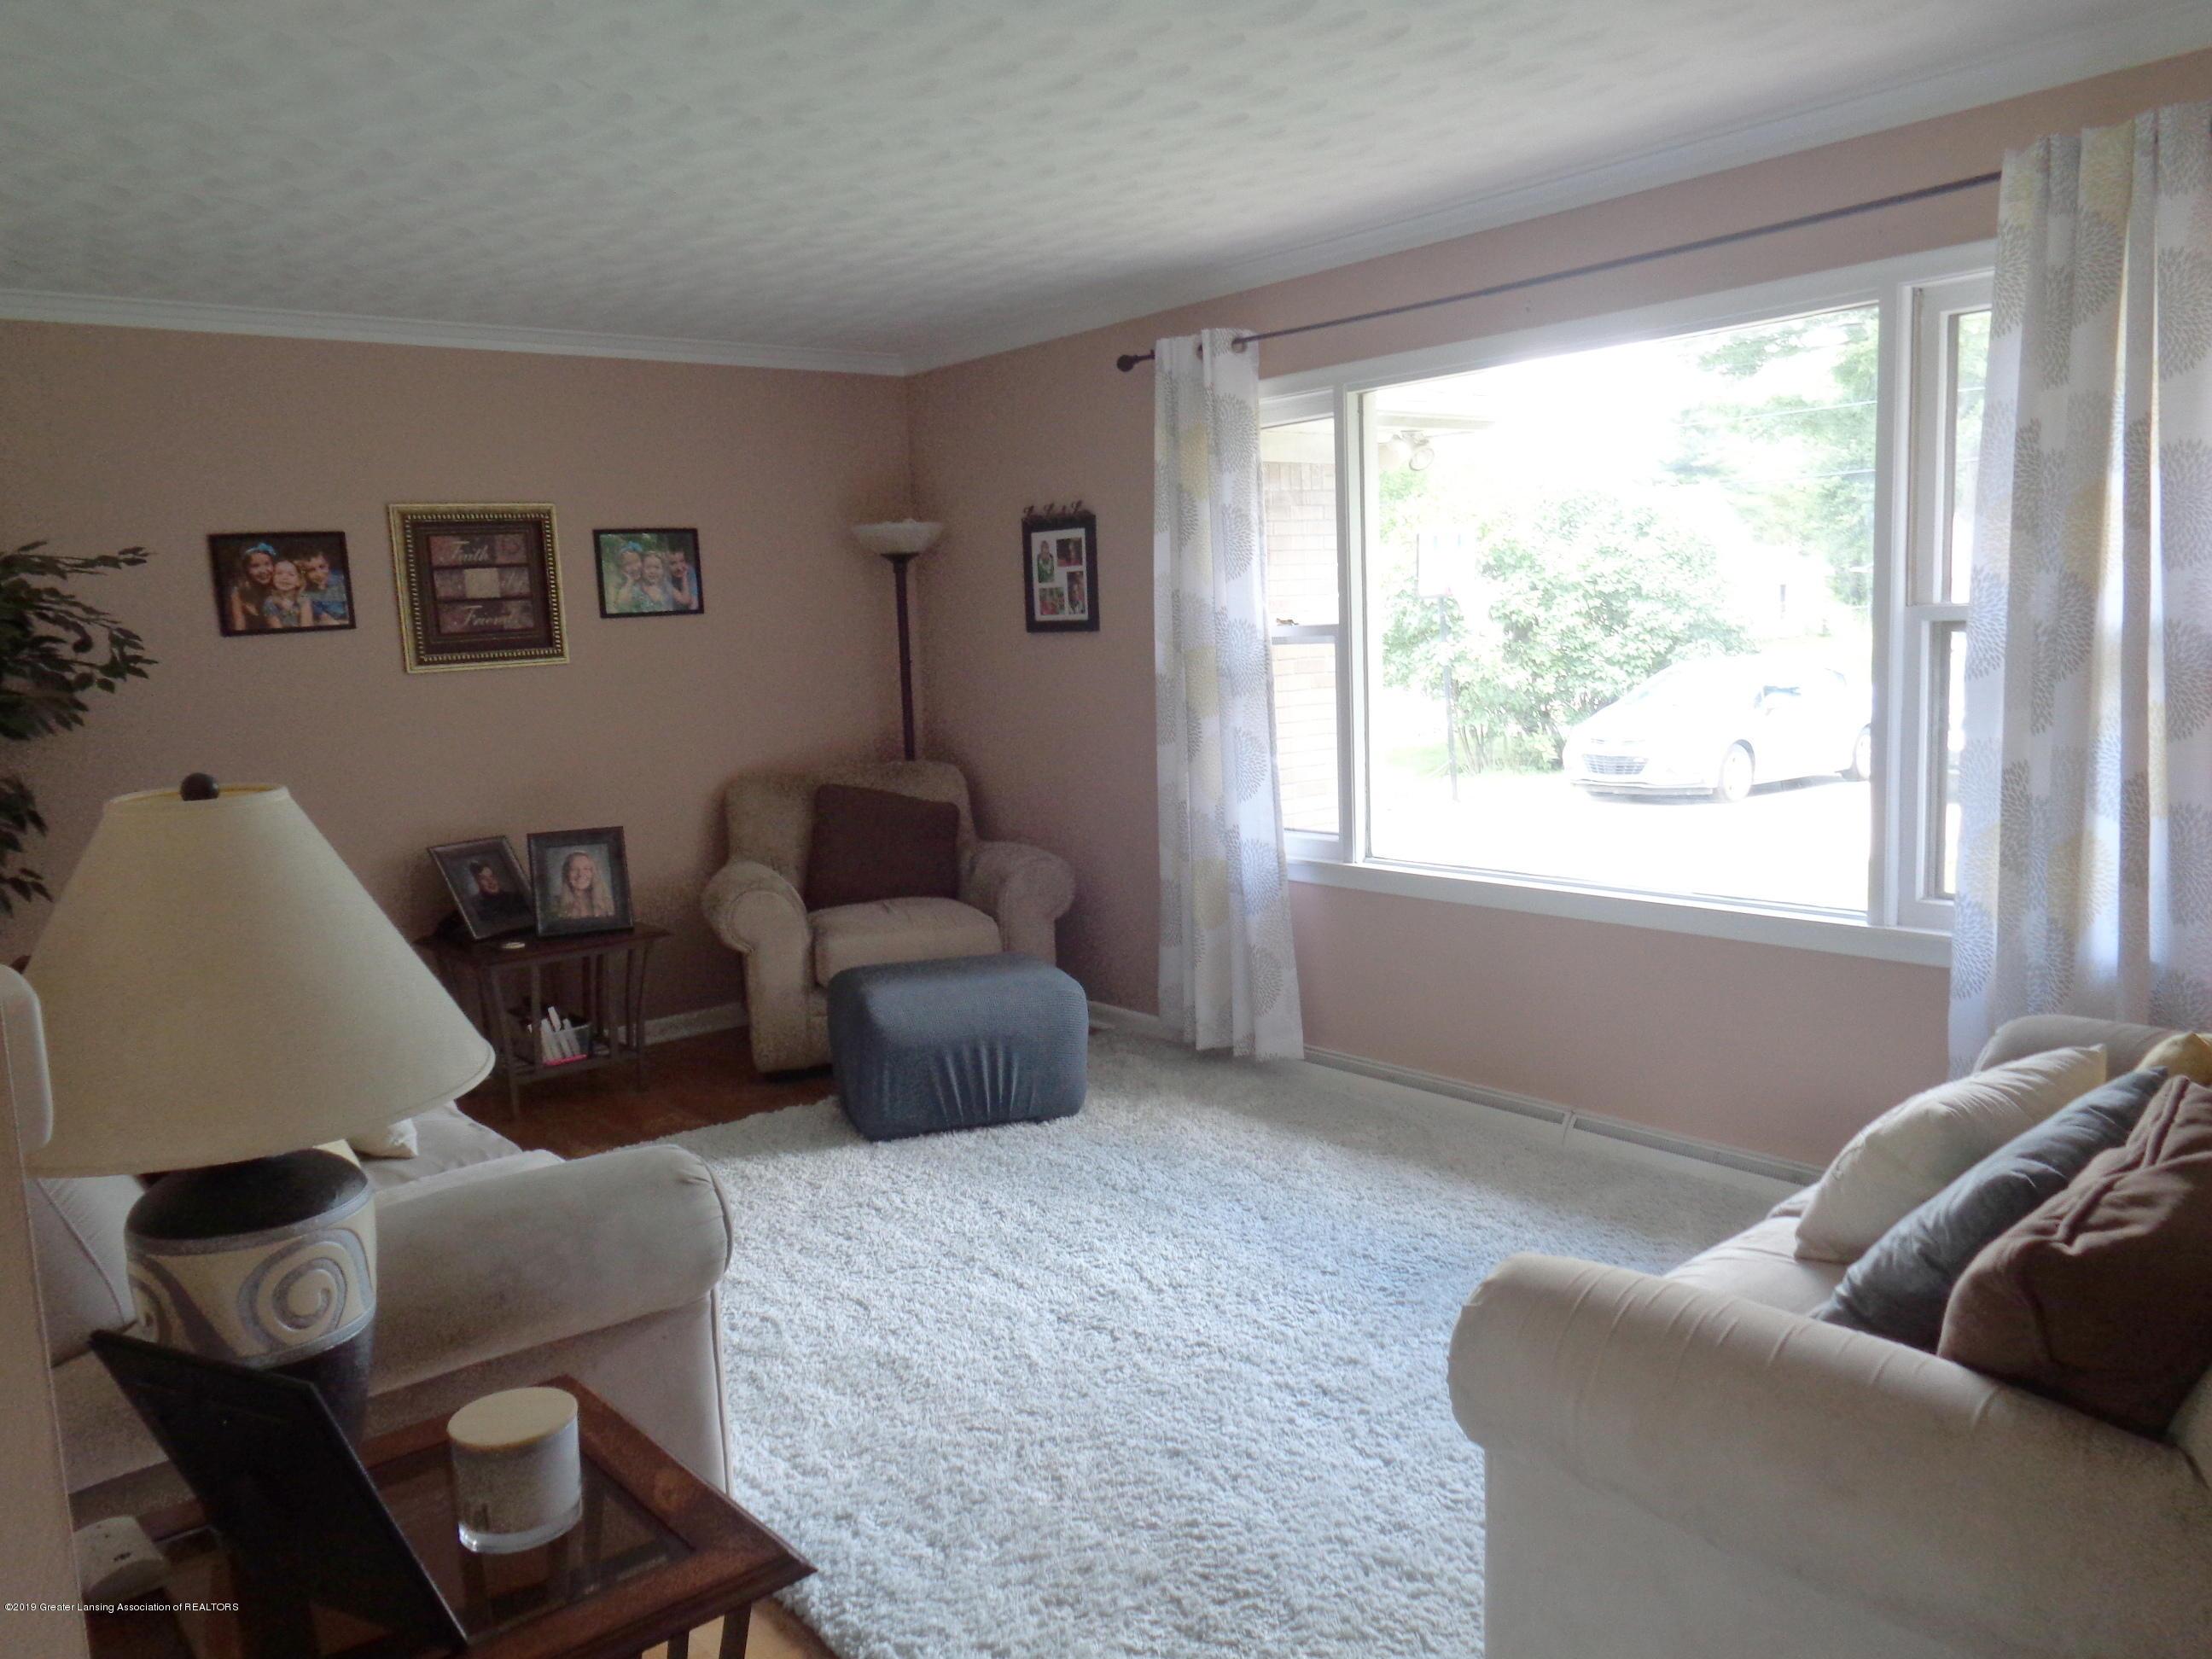 3525 W Kalamazoo St - kalamazoo livingroom - 2